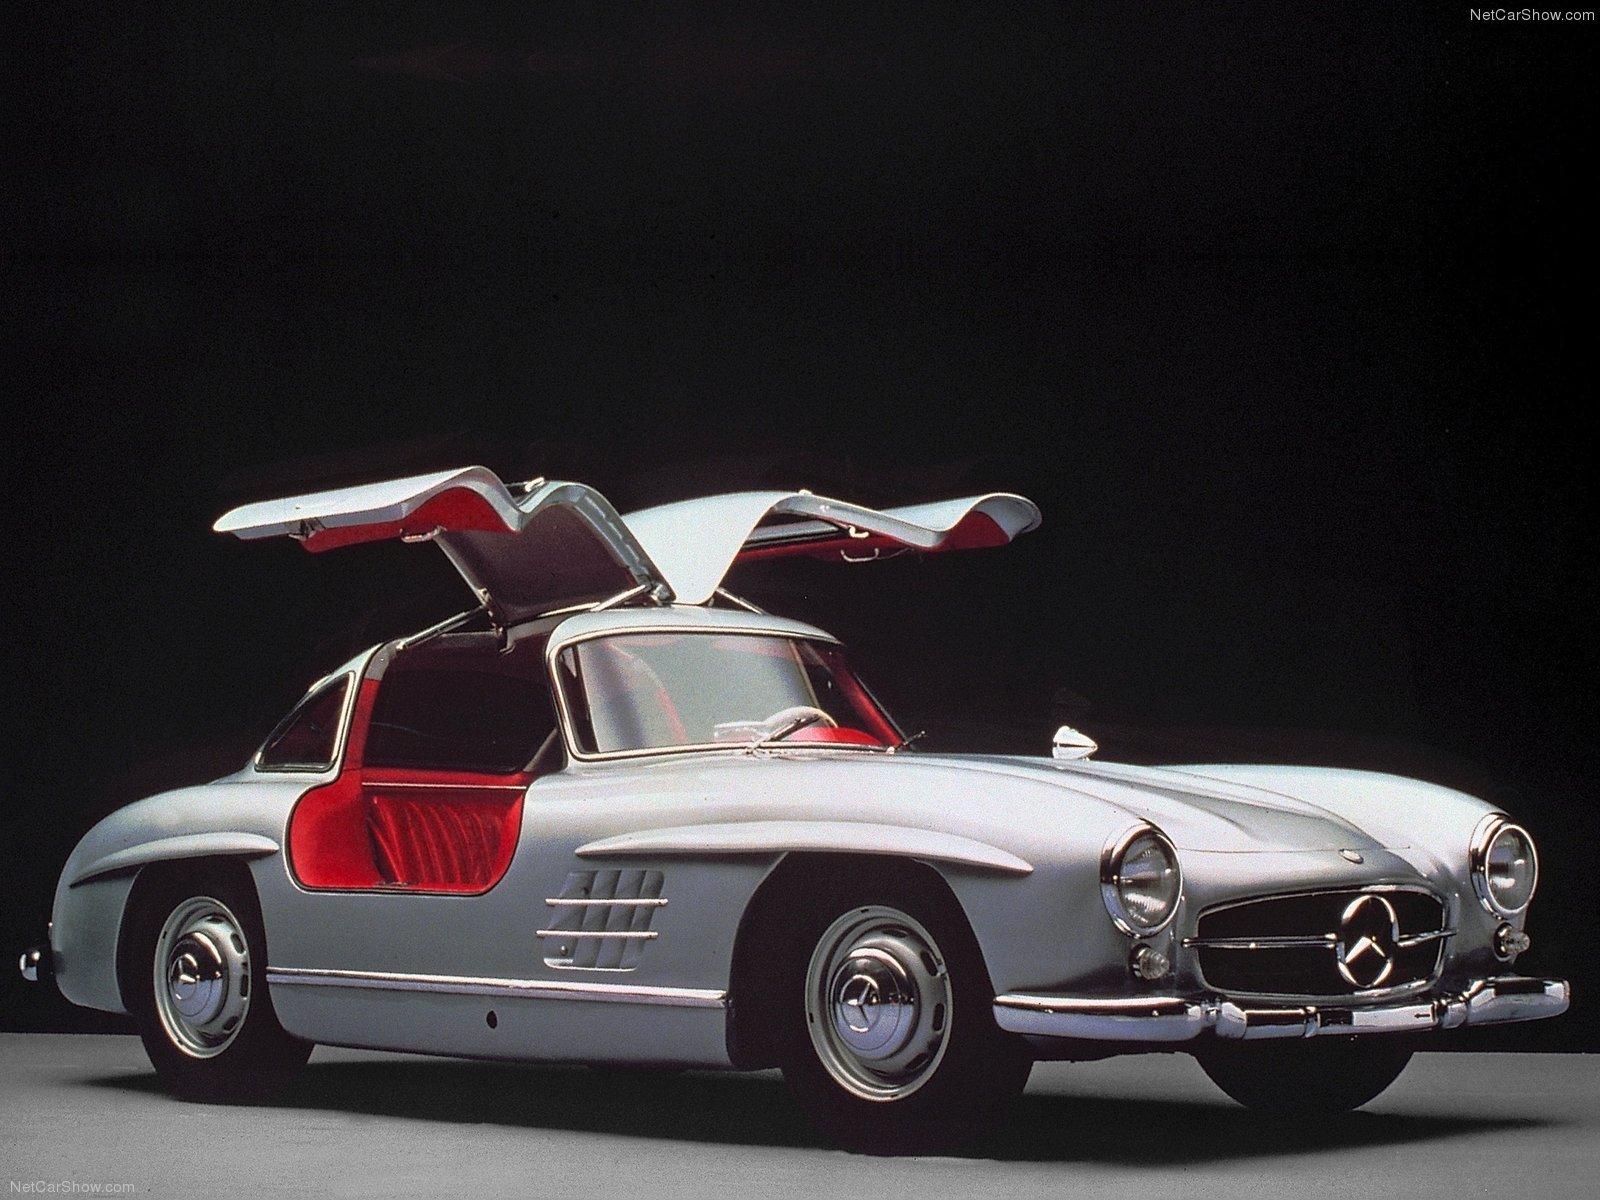 Mercedes-Benz 300-SL Gullwing classic cars 1954 wallpaper ...